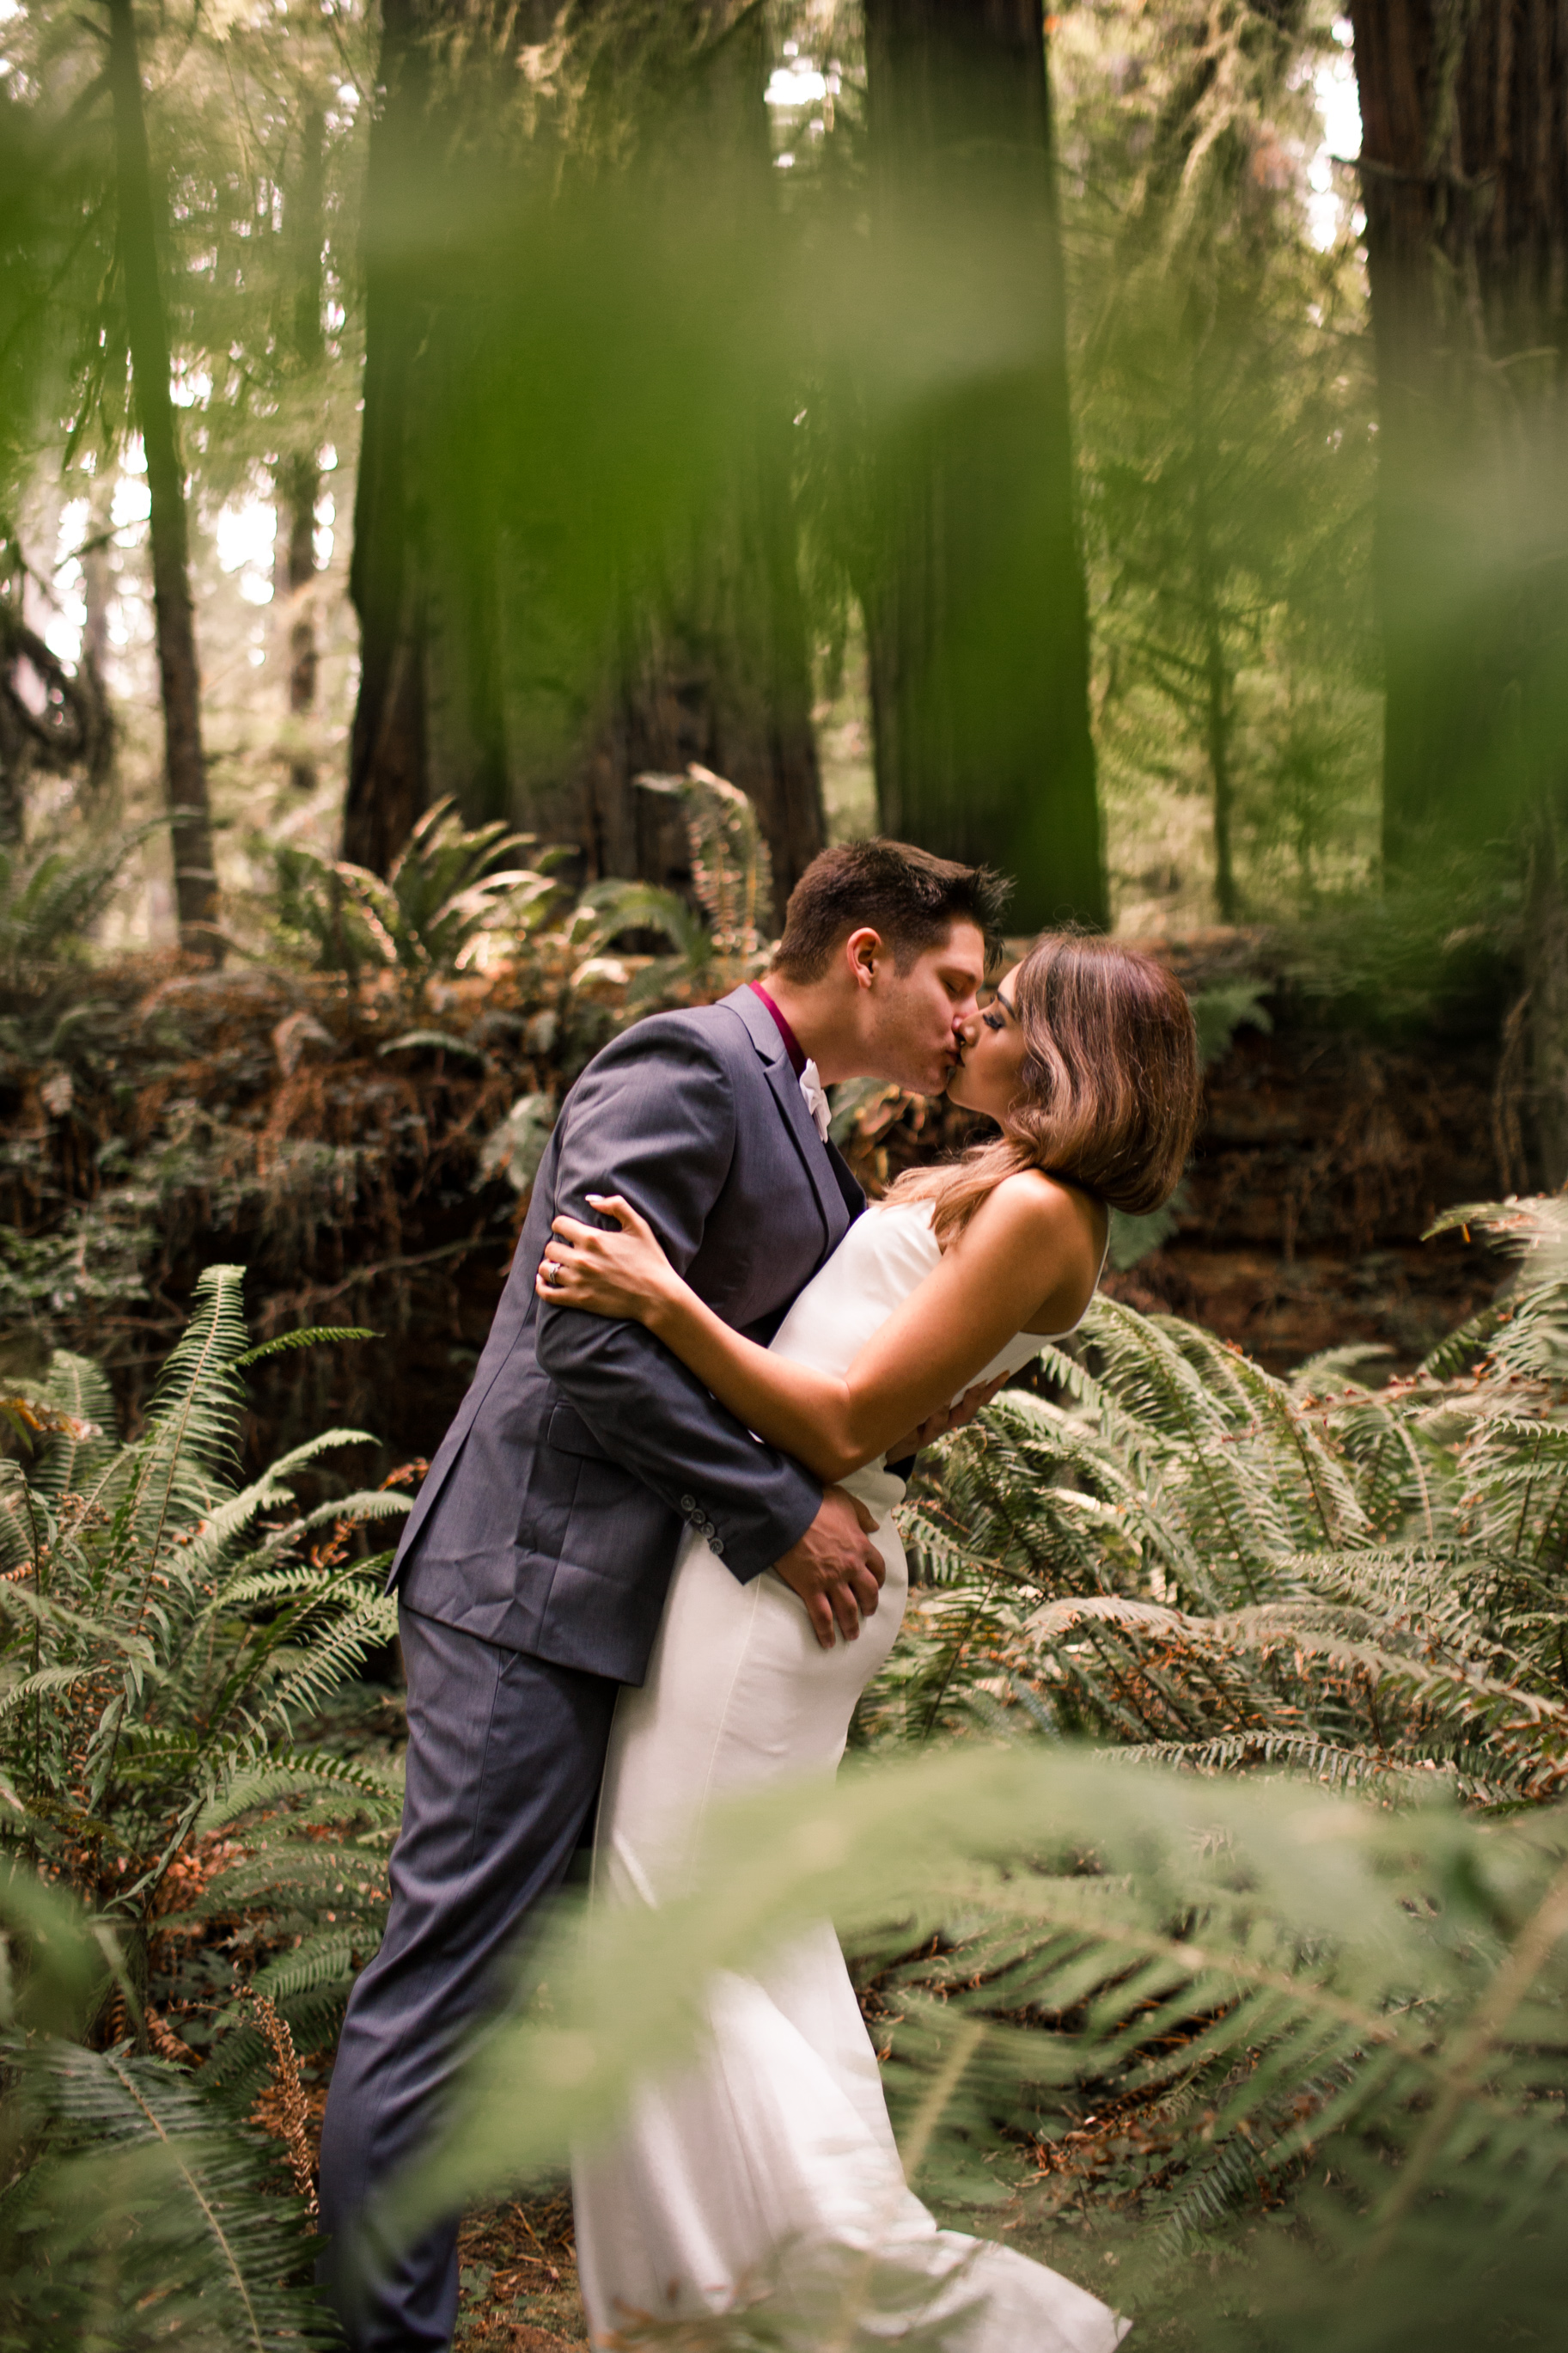 travel-engagement-wedding-photographer-apaytonphoto-6.jpg